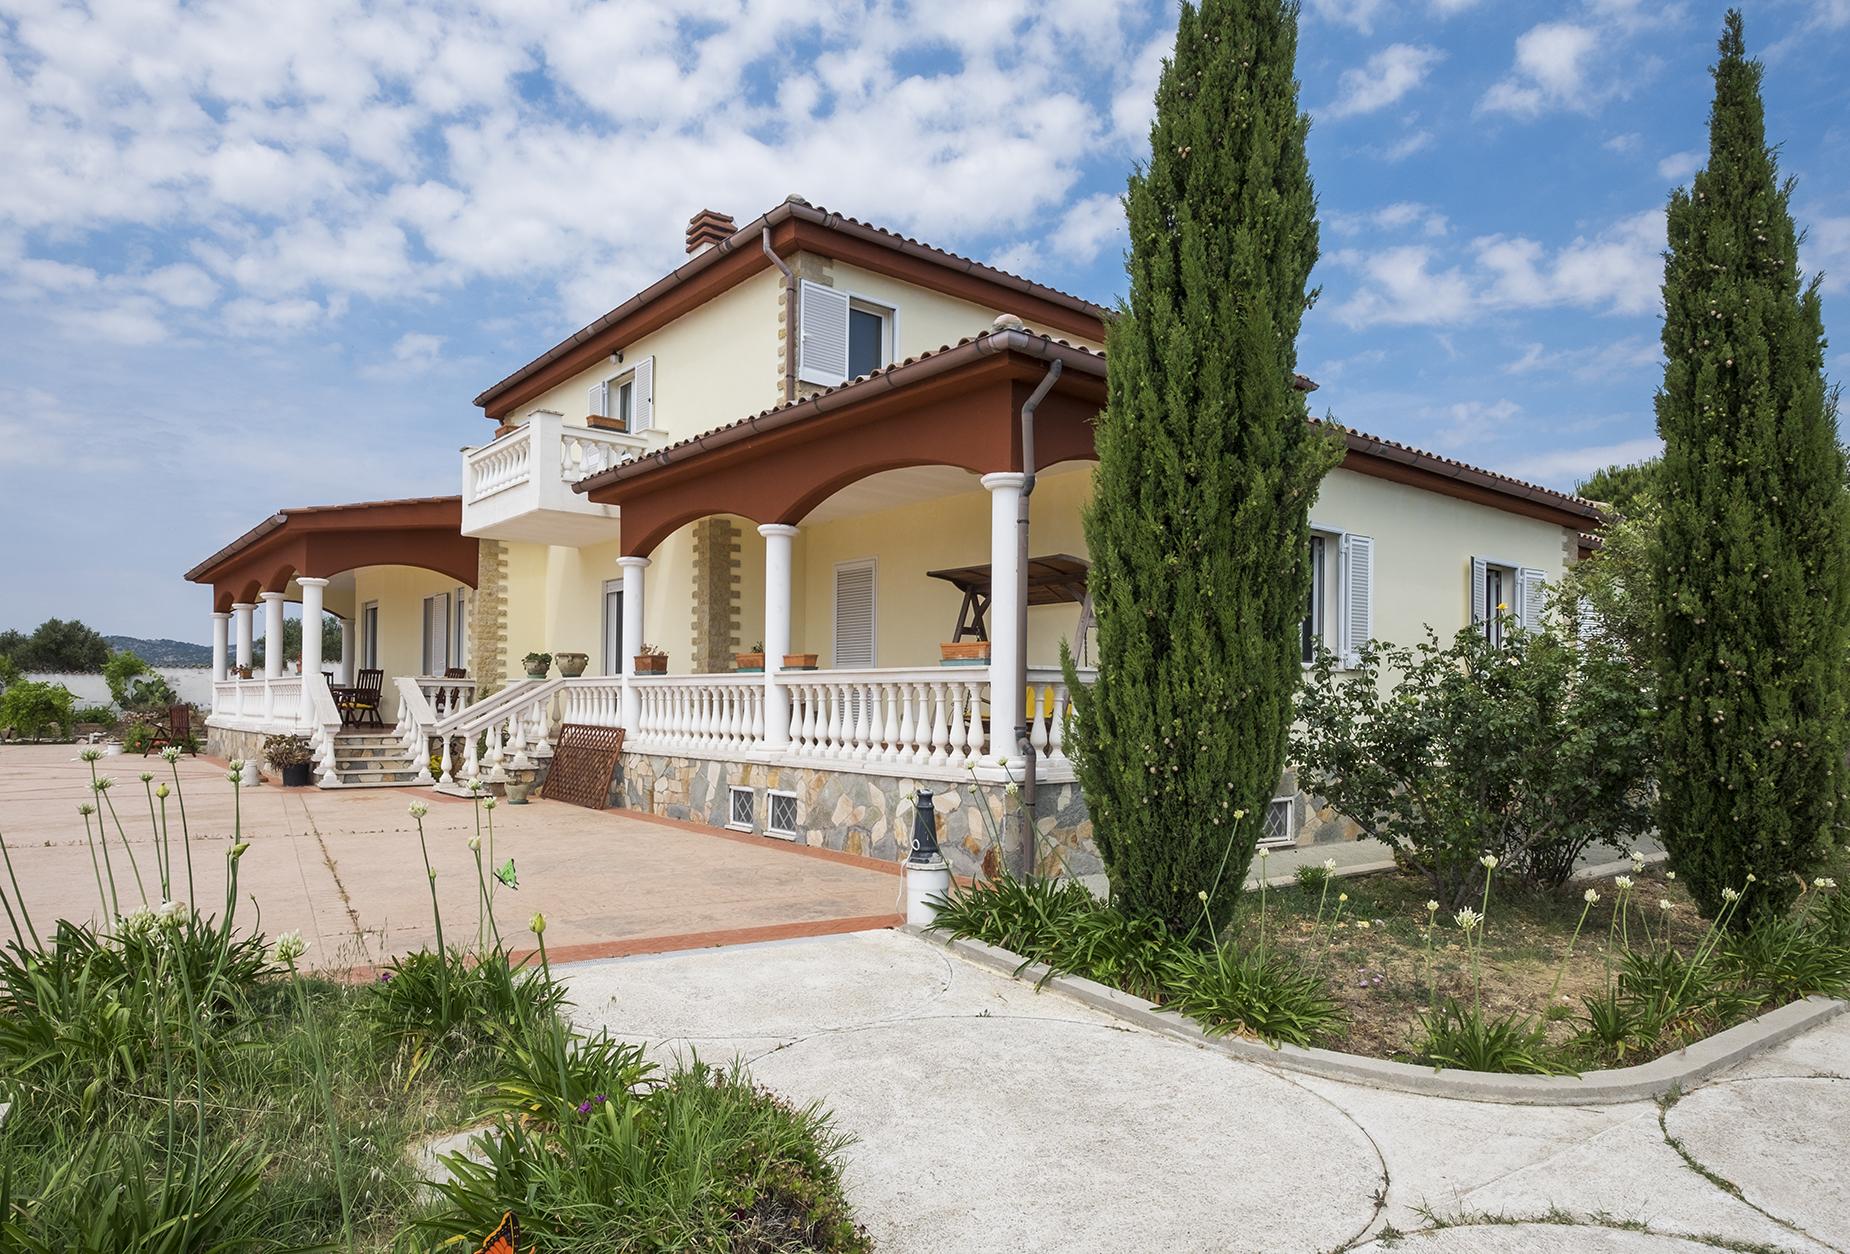 Villa di lusso in vendita a santa marinella ponte via for Case in vendita santa marinella